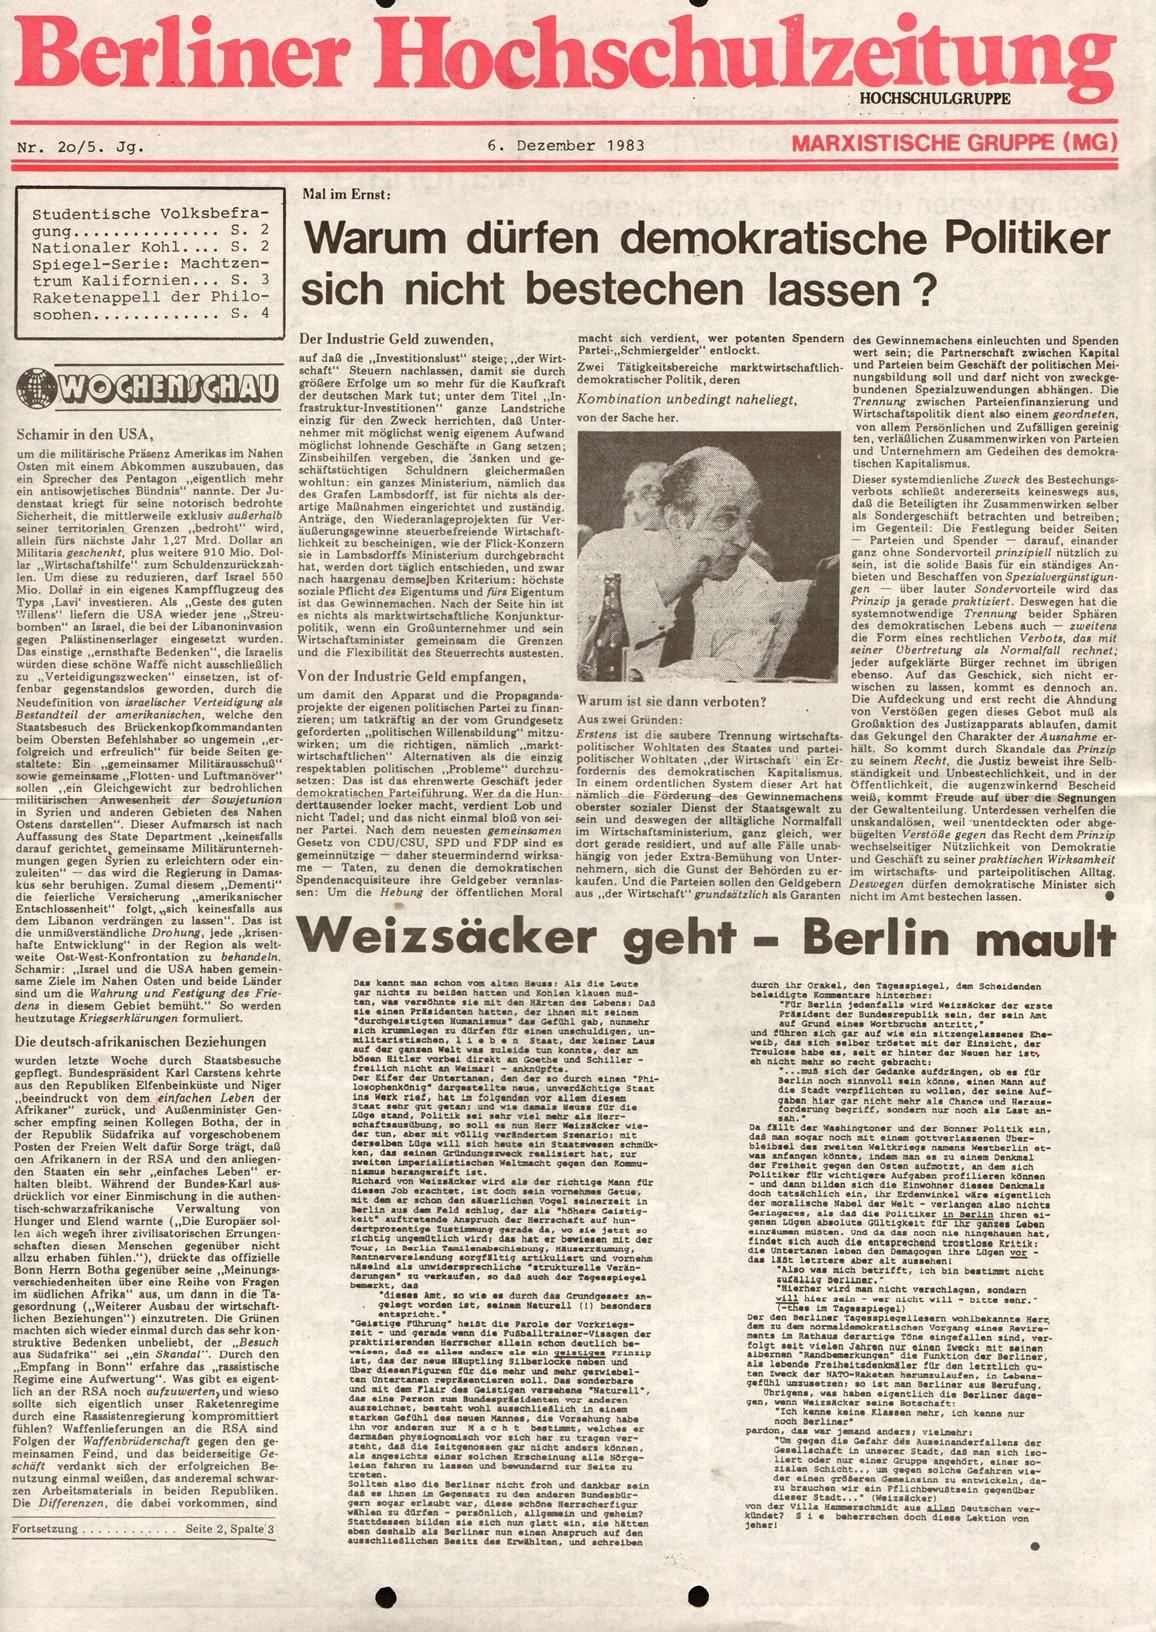 Berlin_MG_Hochschulzeitung_19831206_01